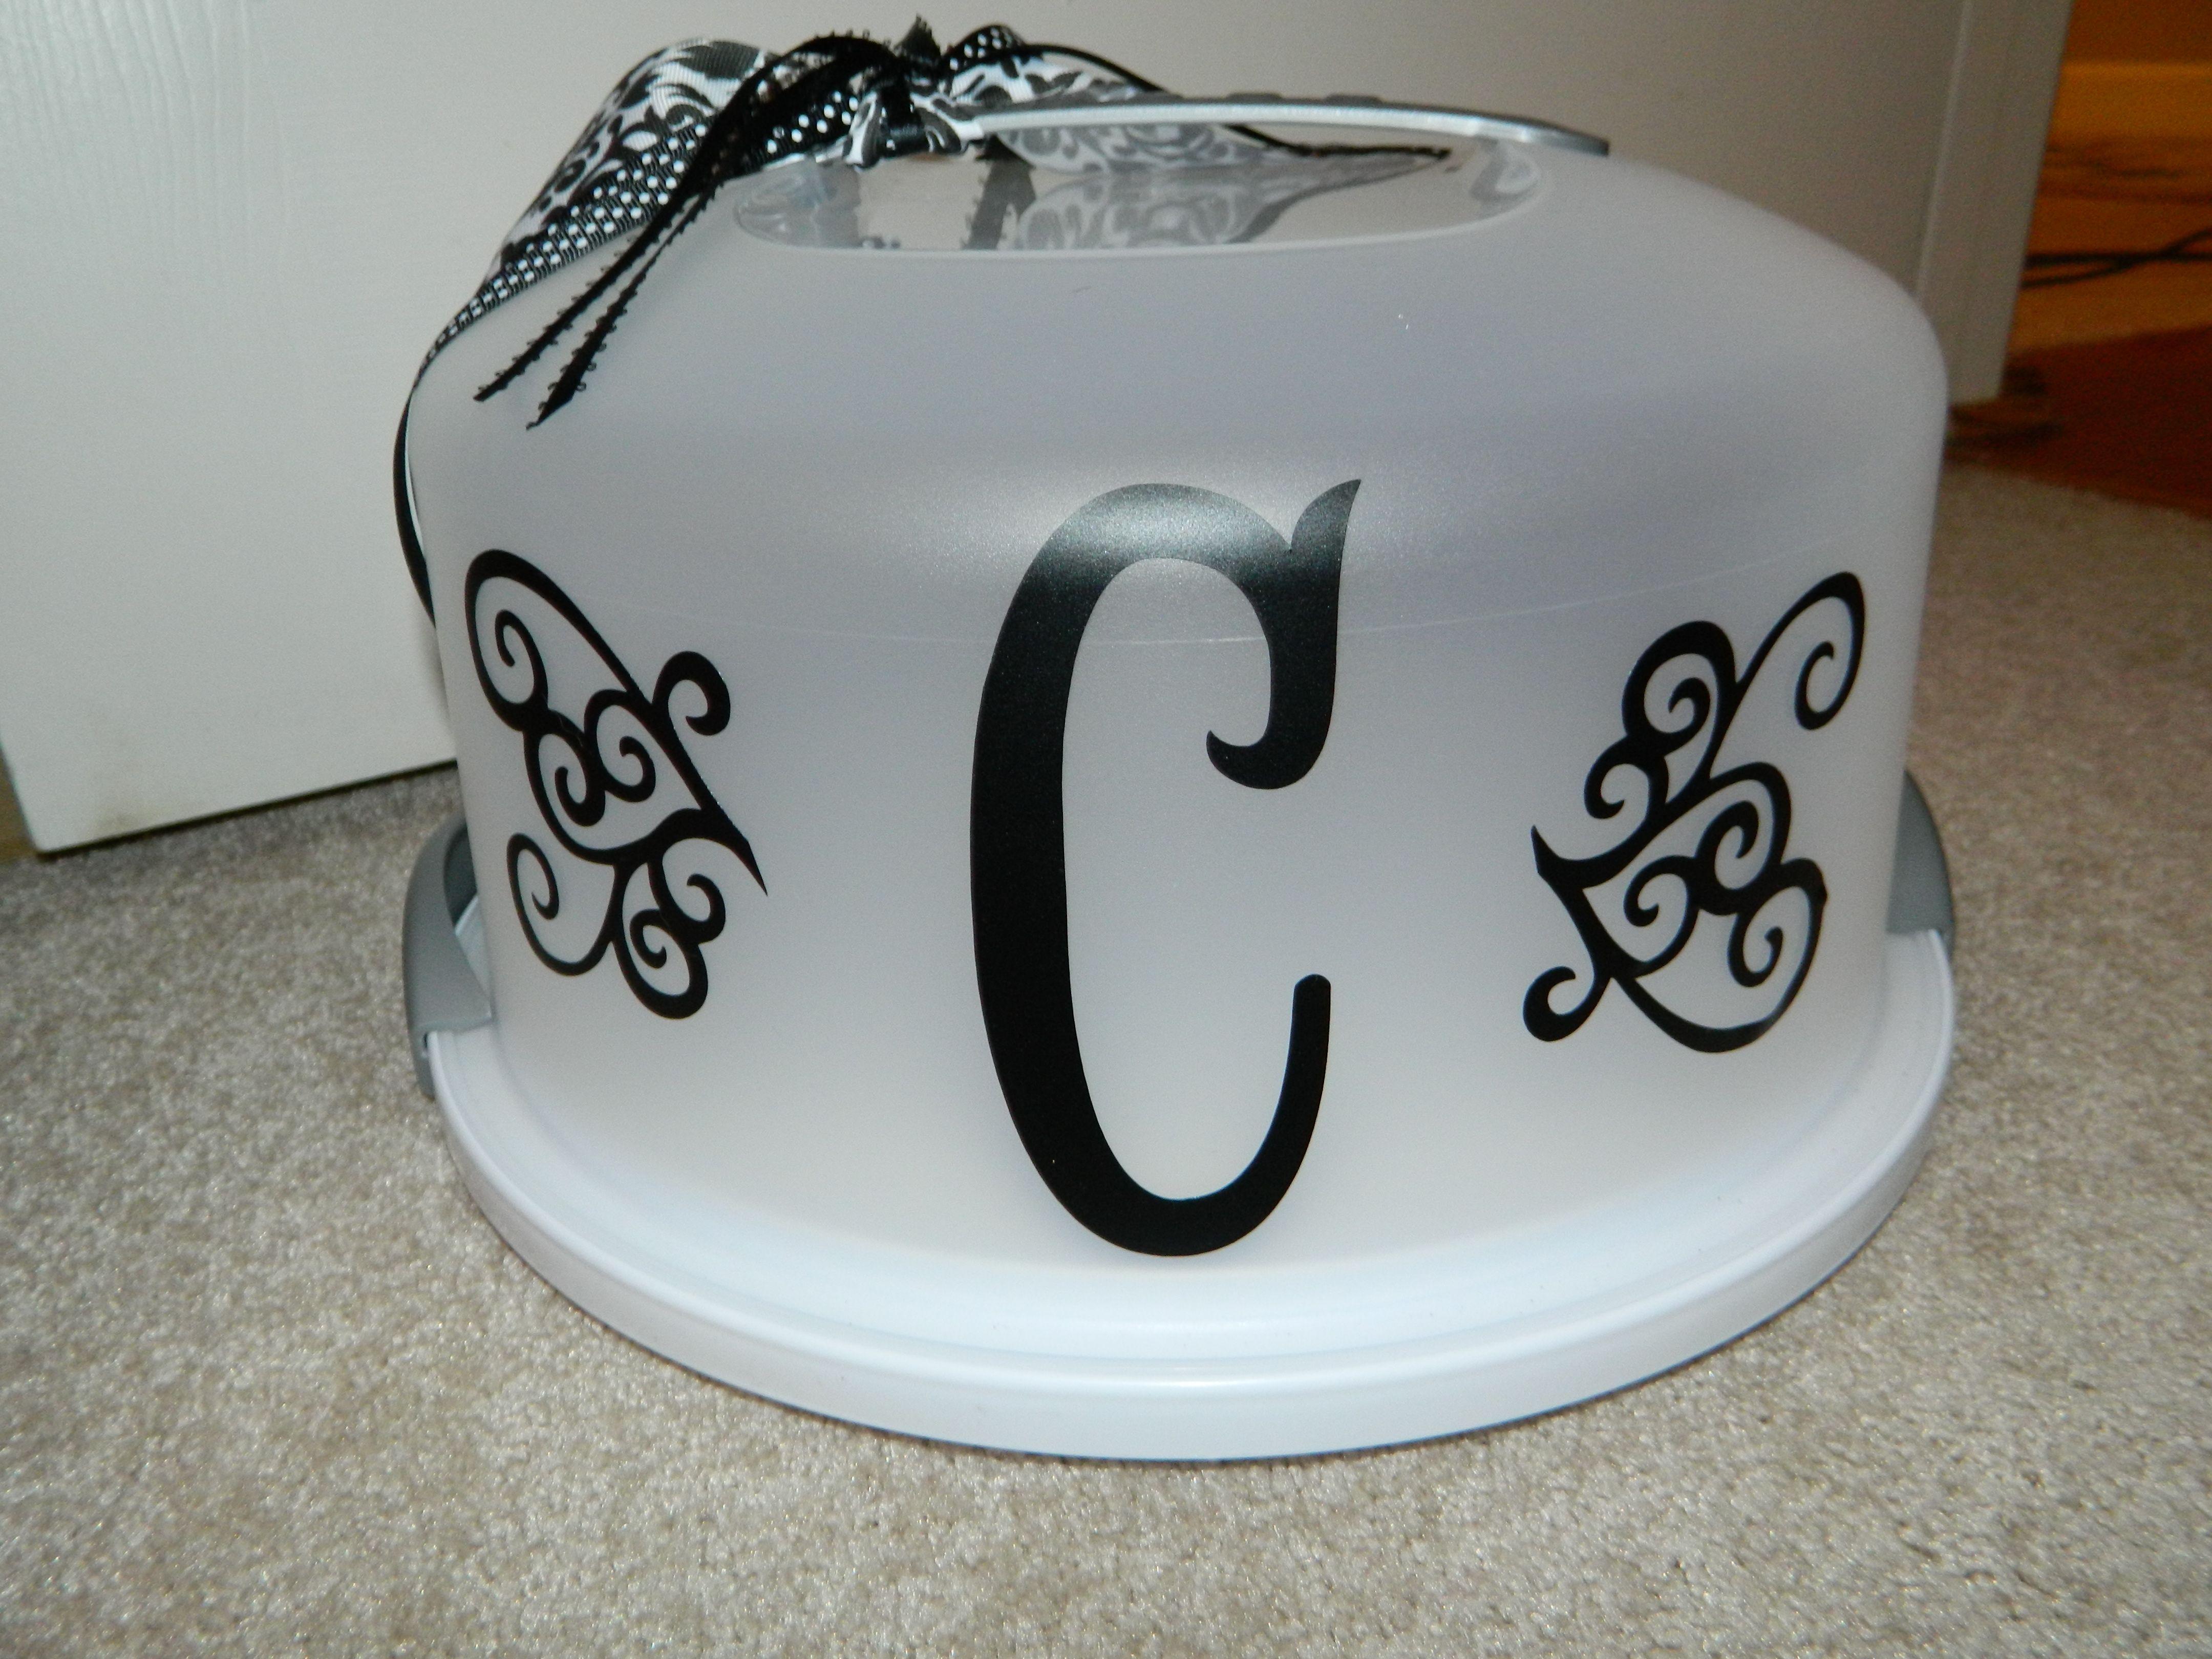 Cake Carrier Target Vinyl On Cake Carrier  Svg And Cricut Stuff  Pinterest  Cake